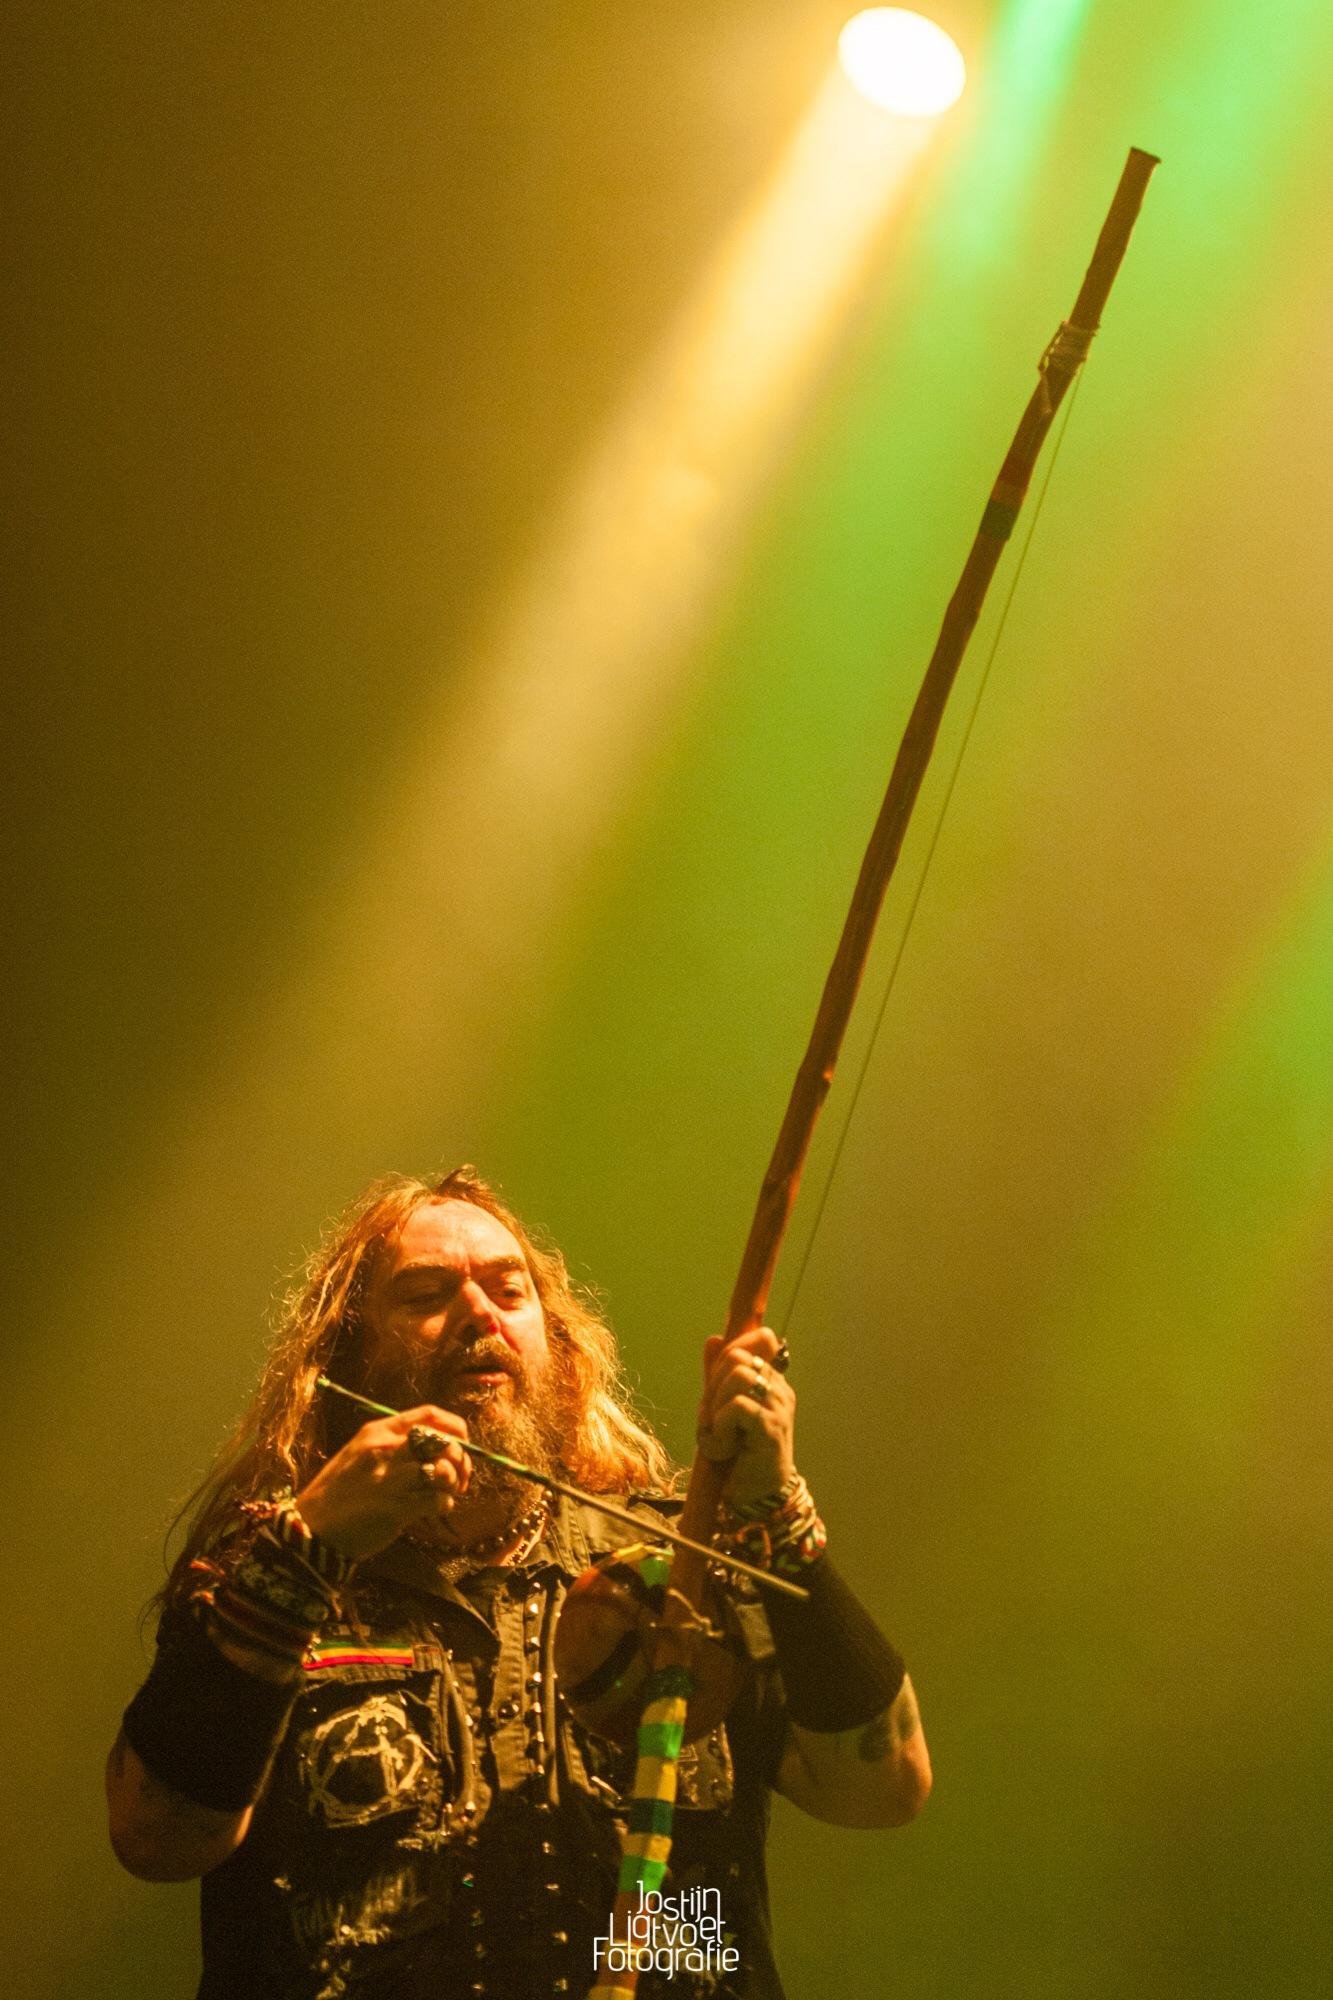 Max Cavalera by Jostijn Ligtvoet Fotografie